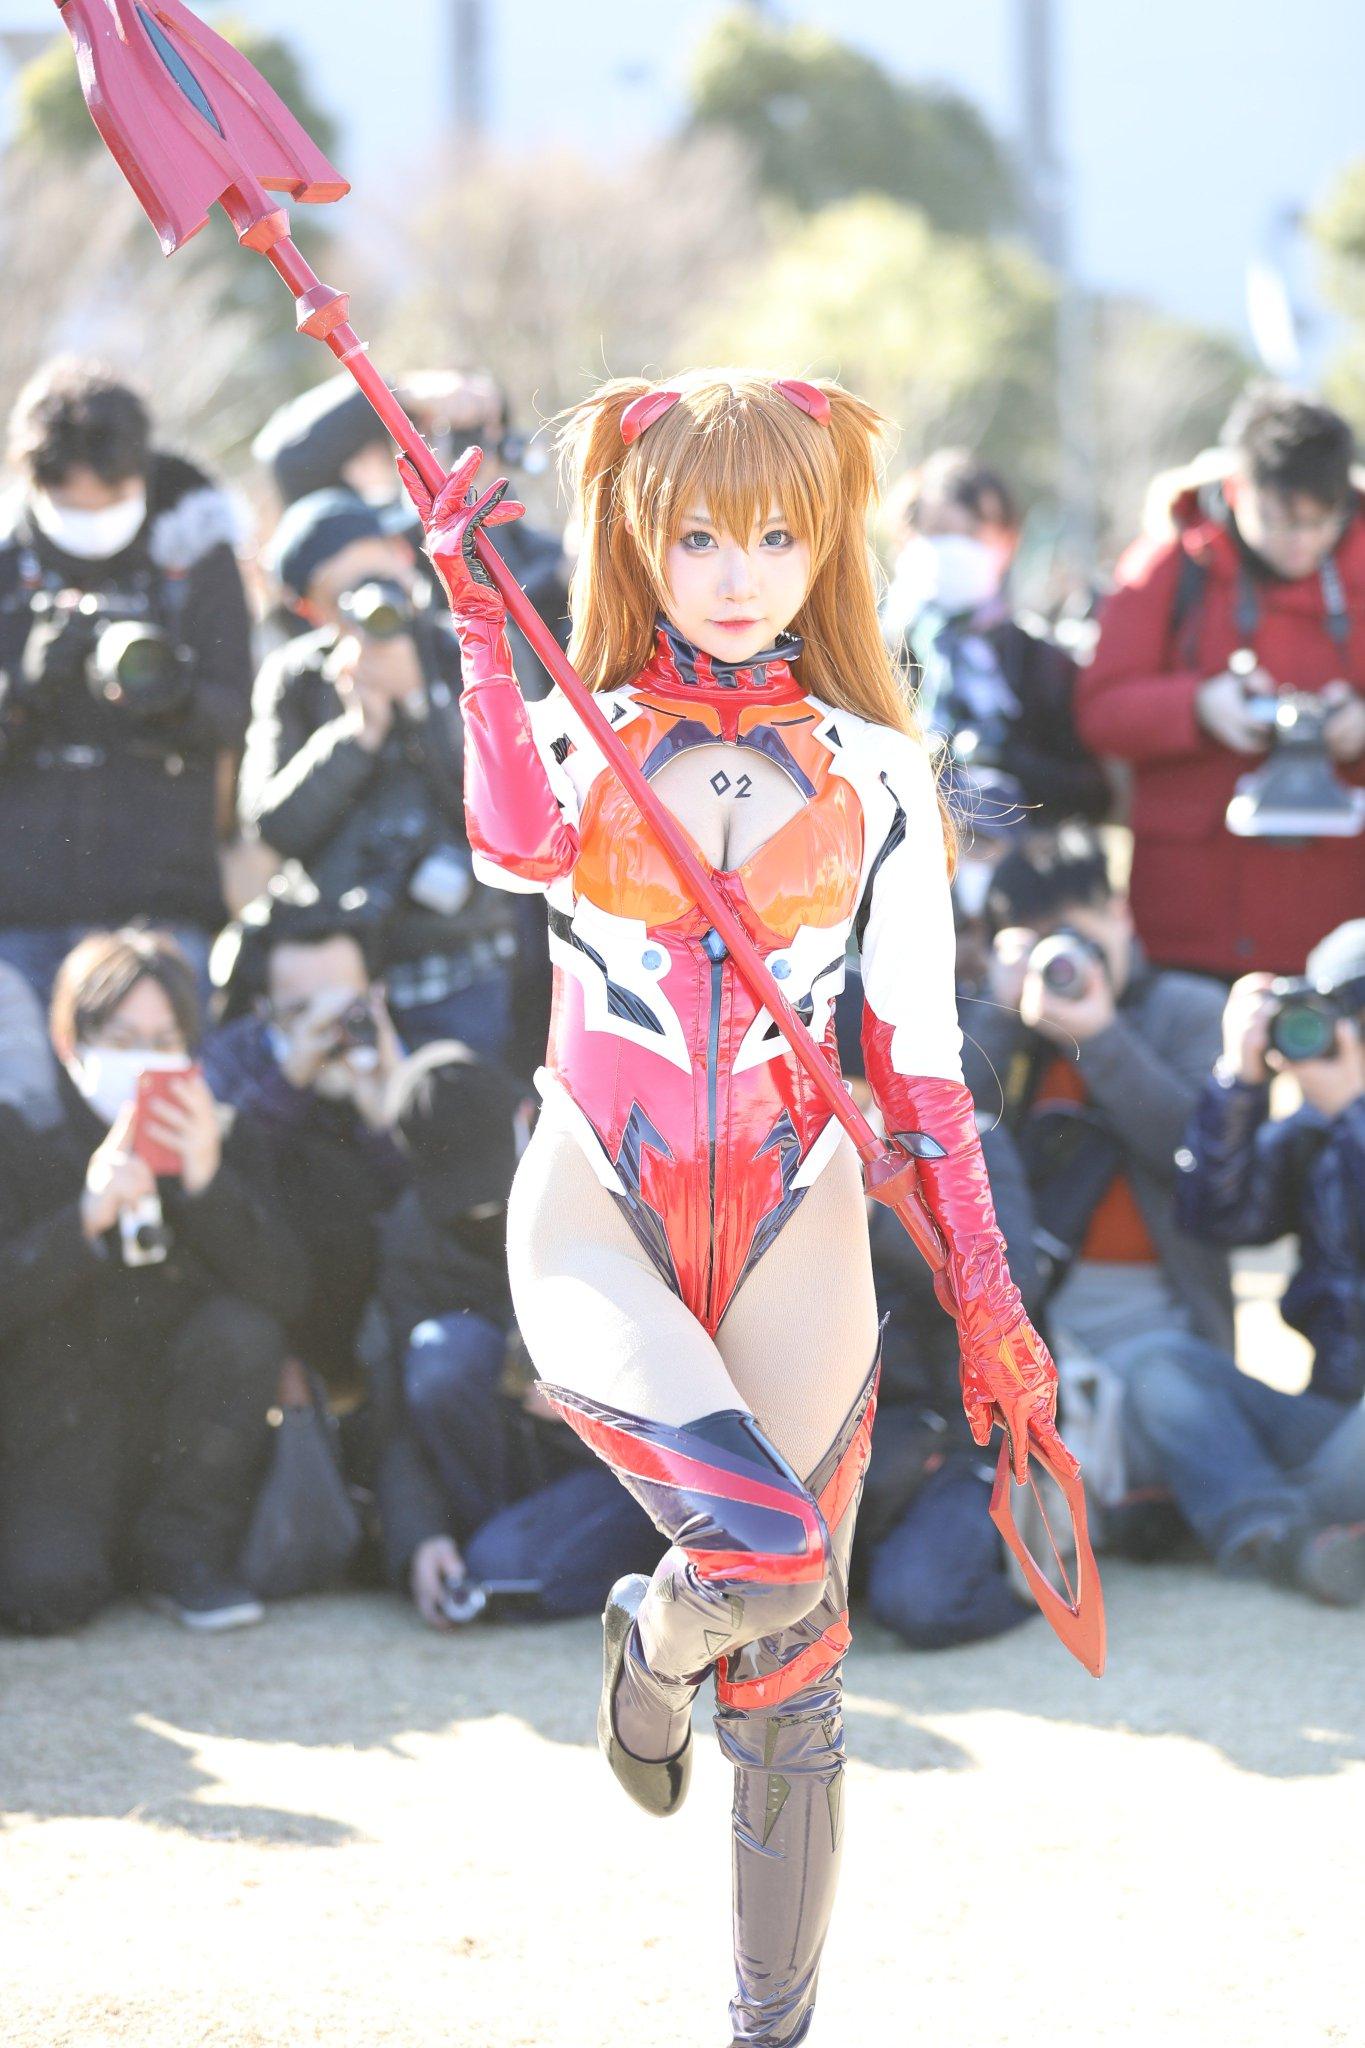 画像,2018.12.30 コミケ2日目①モデル:小柔SeeU(@seeu_cosplay )Canon1dxmark2 CanonEF24-70mm F2.8L I…